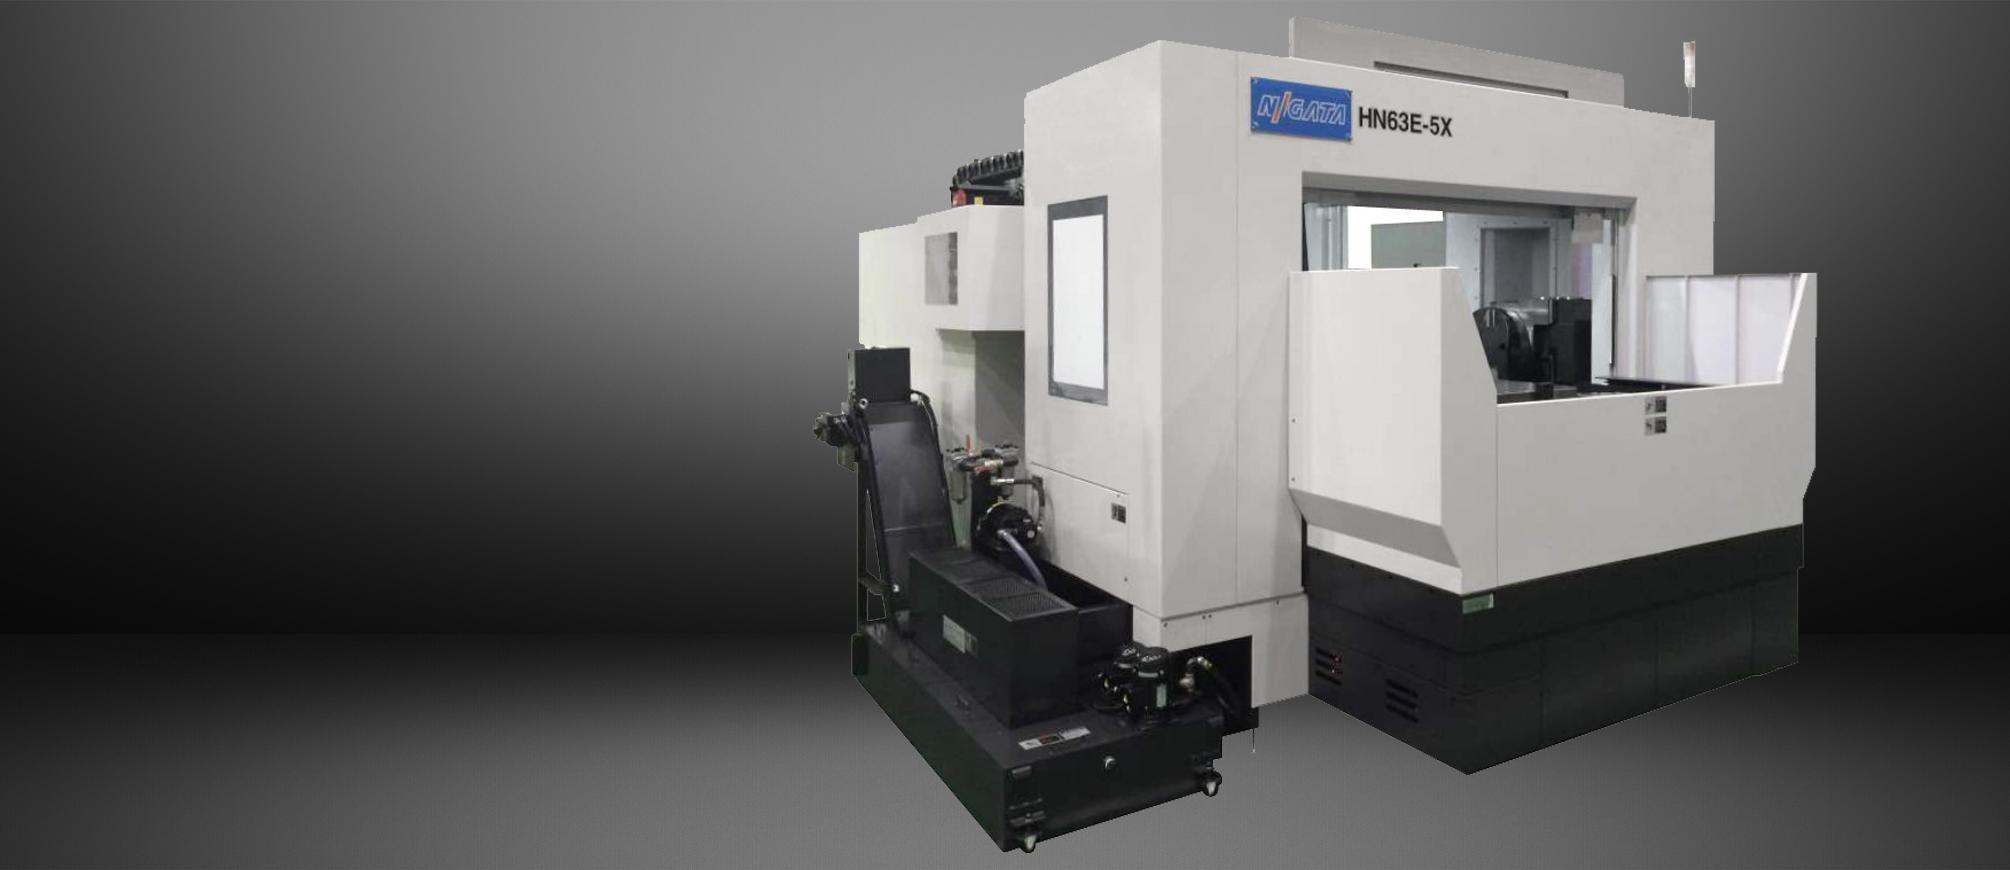 HN63E-5X Horizontal Machining Centers